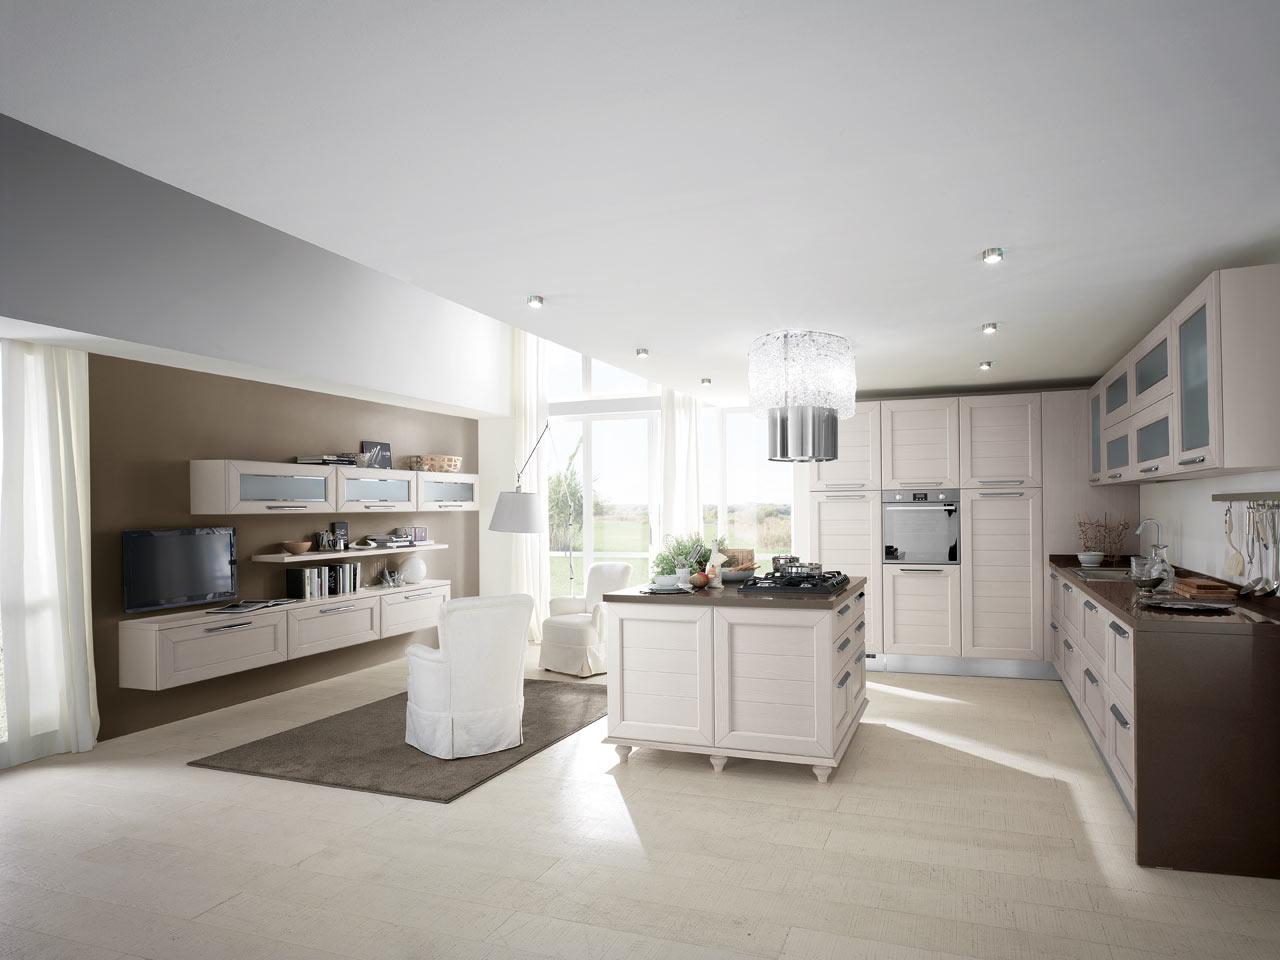 Cucine Lube Catalogo 2014 ~ Idee Creative su Design Per La Casa e ...